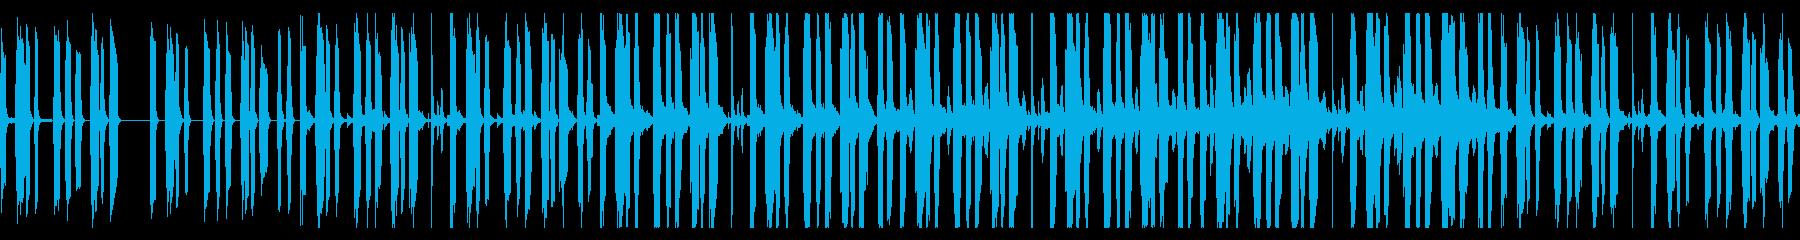 コミカルな雰囲気のファンクの再生済みの波形